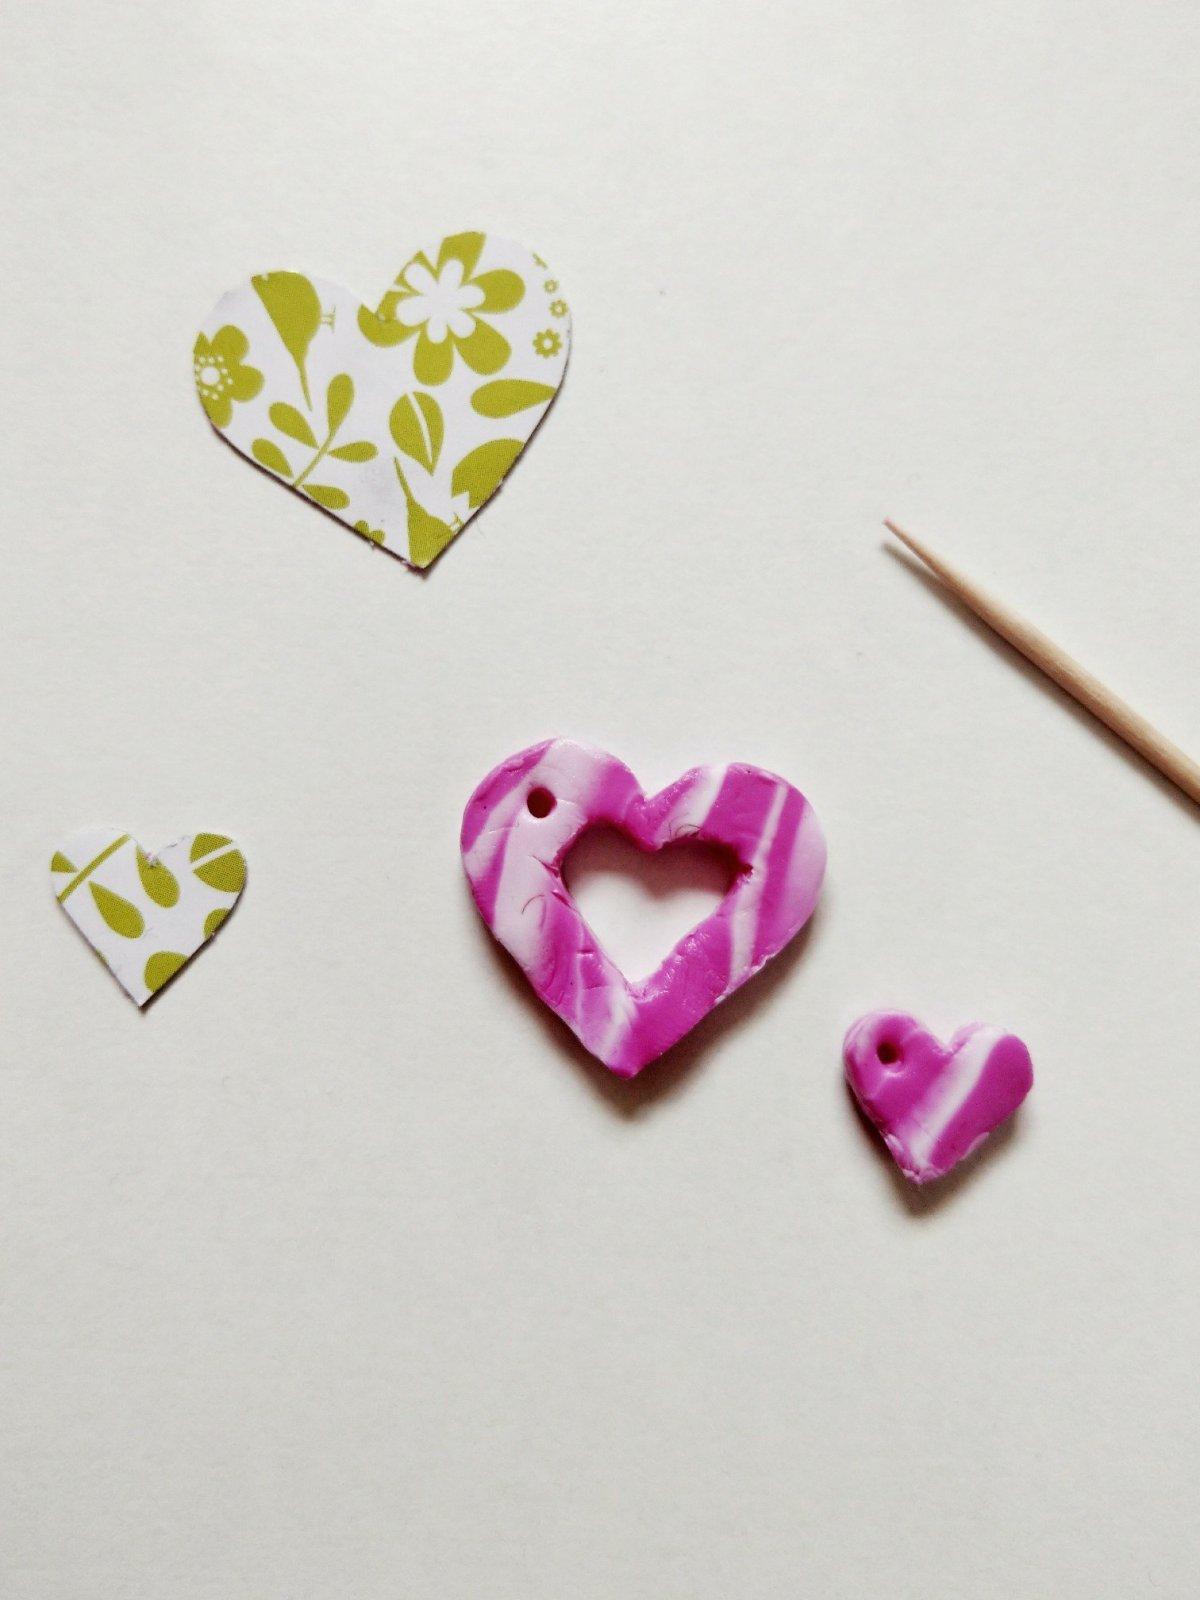 Heute geht es um selbstgemachten Schmuck aus Fimo. Ich zeige euch wie ich eine Mutter-Tochter-Kette selbst hergestellt habe. Entstanden sind zwei süße Herzanhänger.